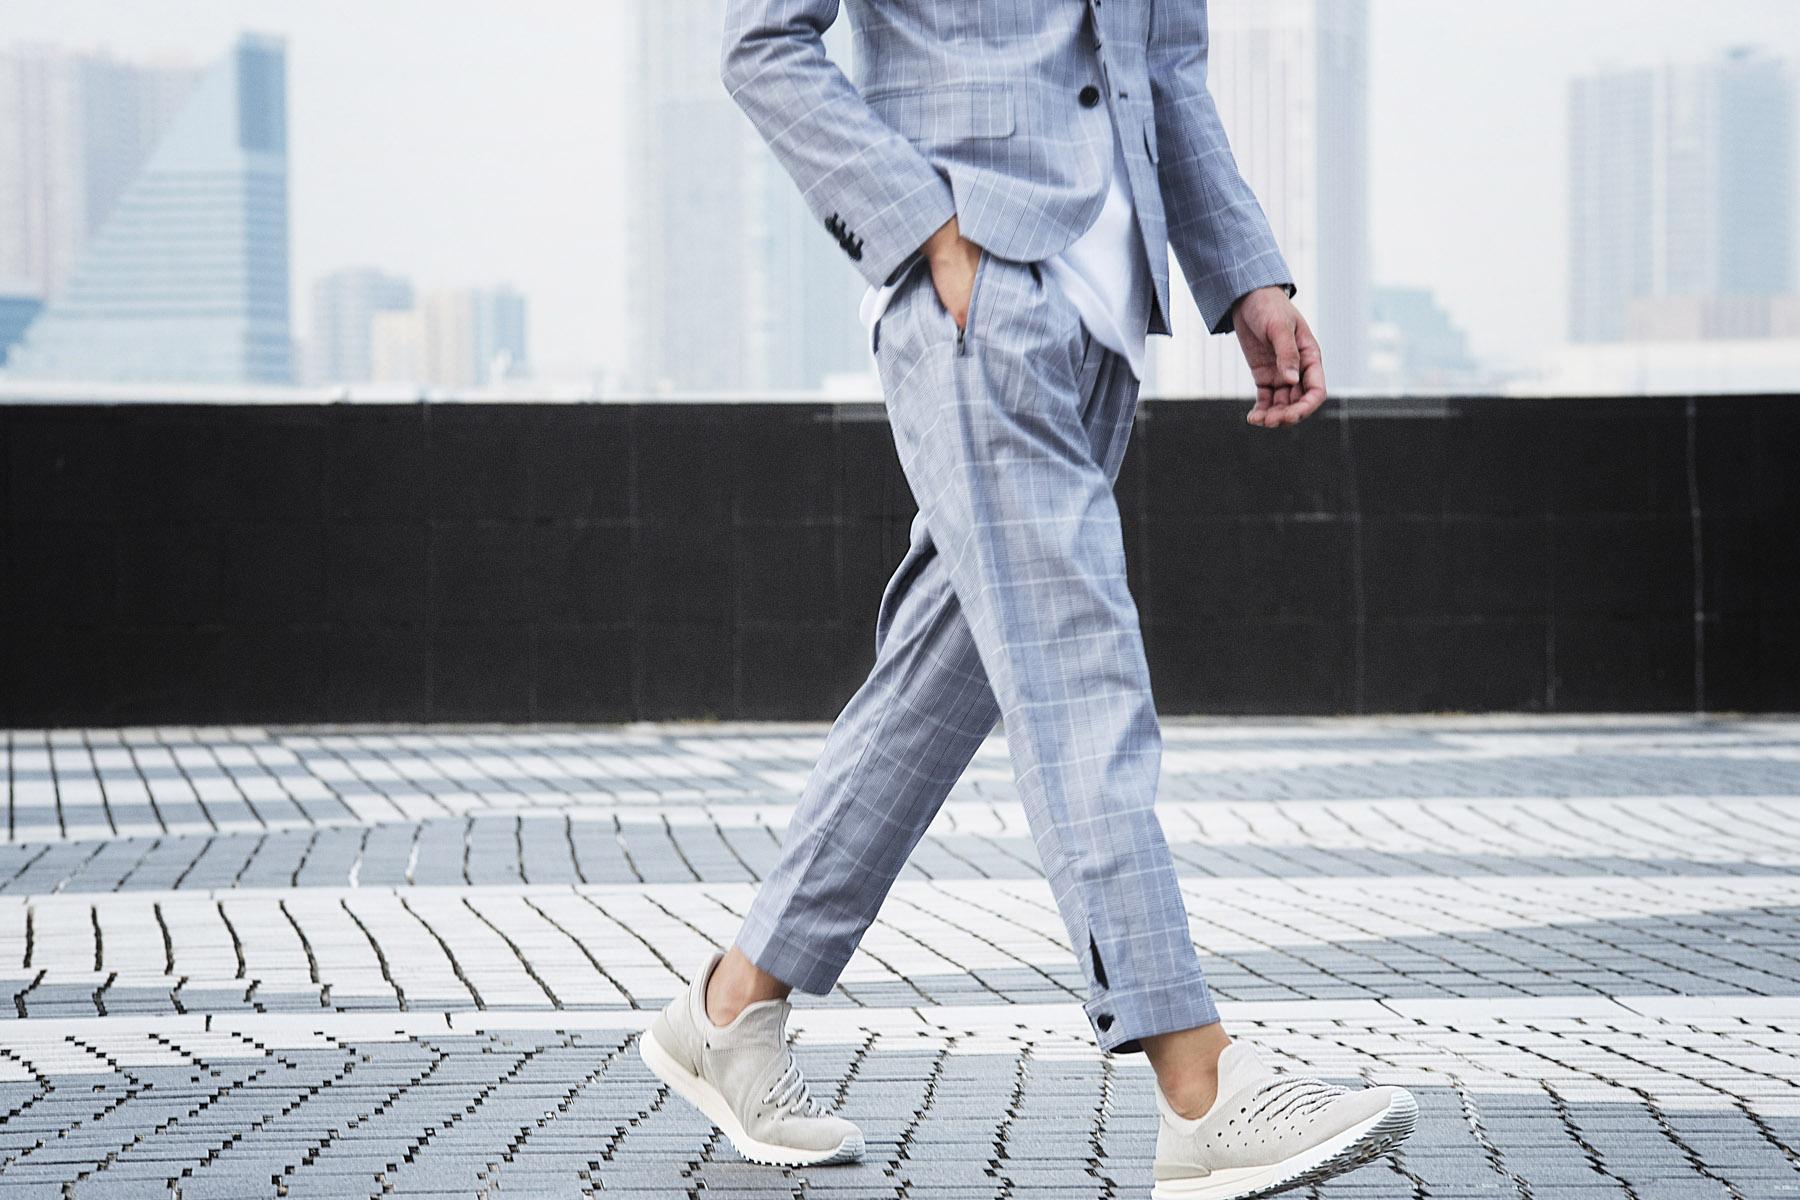 アシックス 「オニツカタイガー」から靴ひもの結び方を自由にカスタマイズできるMONTE Z & MONTE CREACEを発売 asics